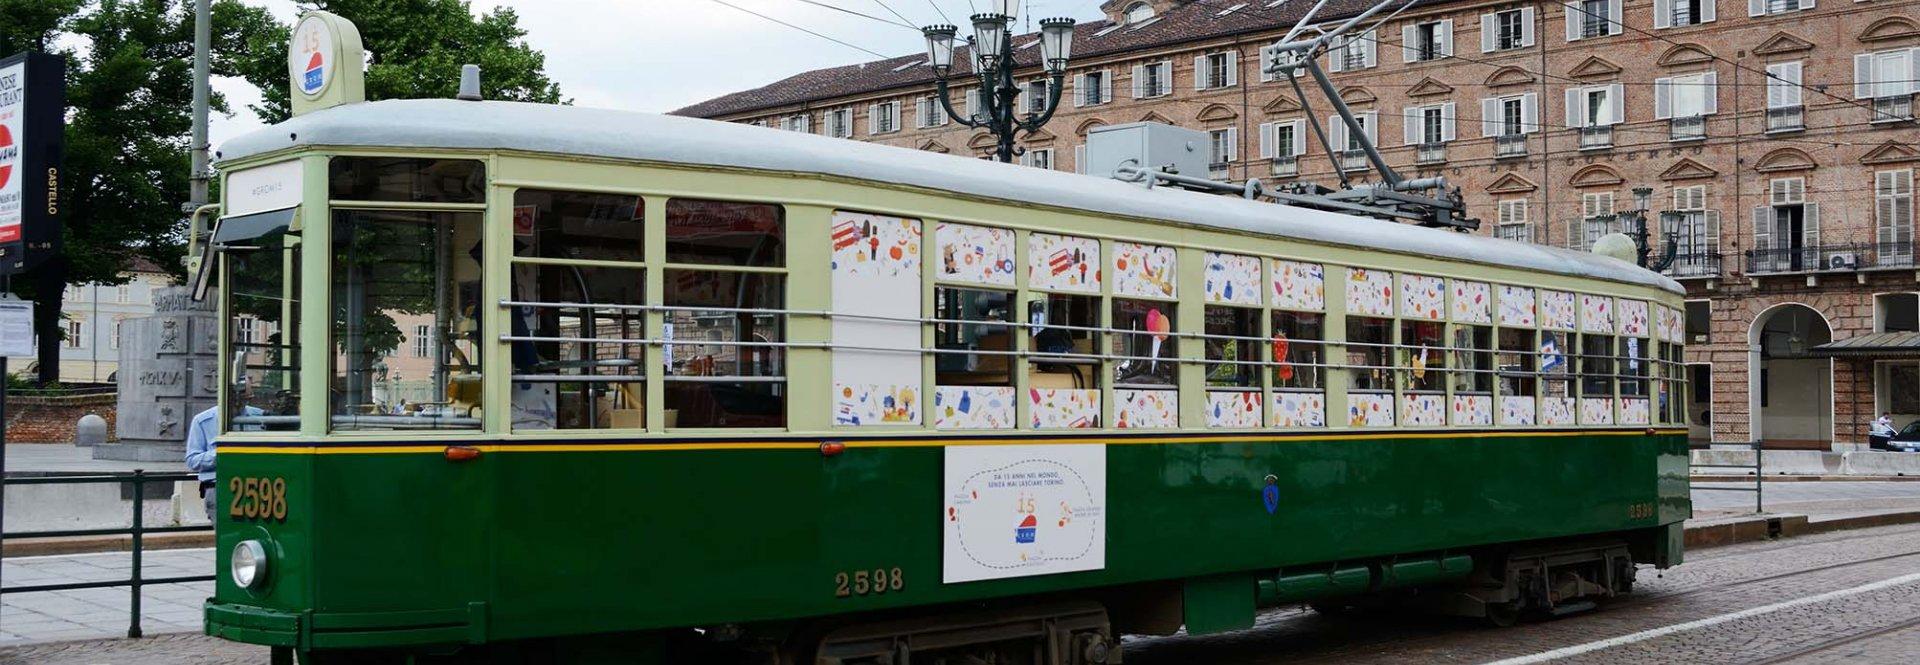 Tram speciale #Grom15 Torino